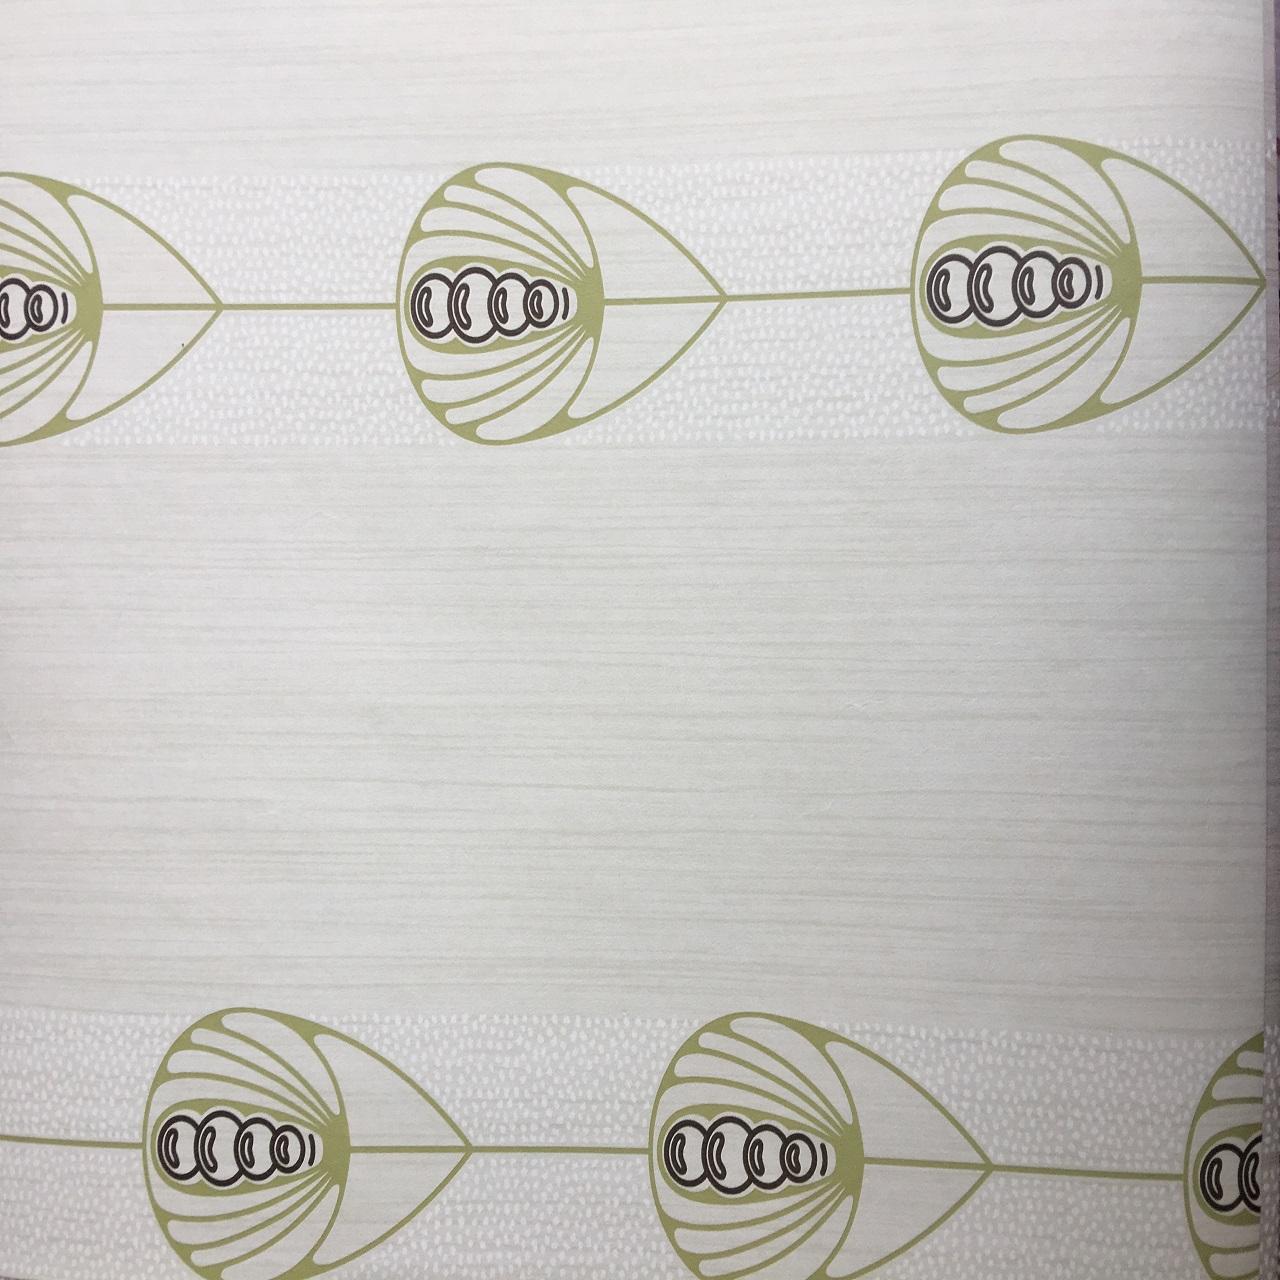 کاغذ دیواری های پرییون مدل ASA-400124